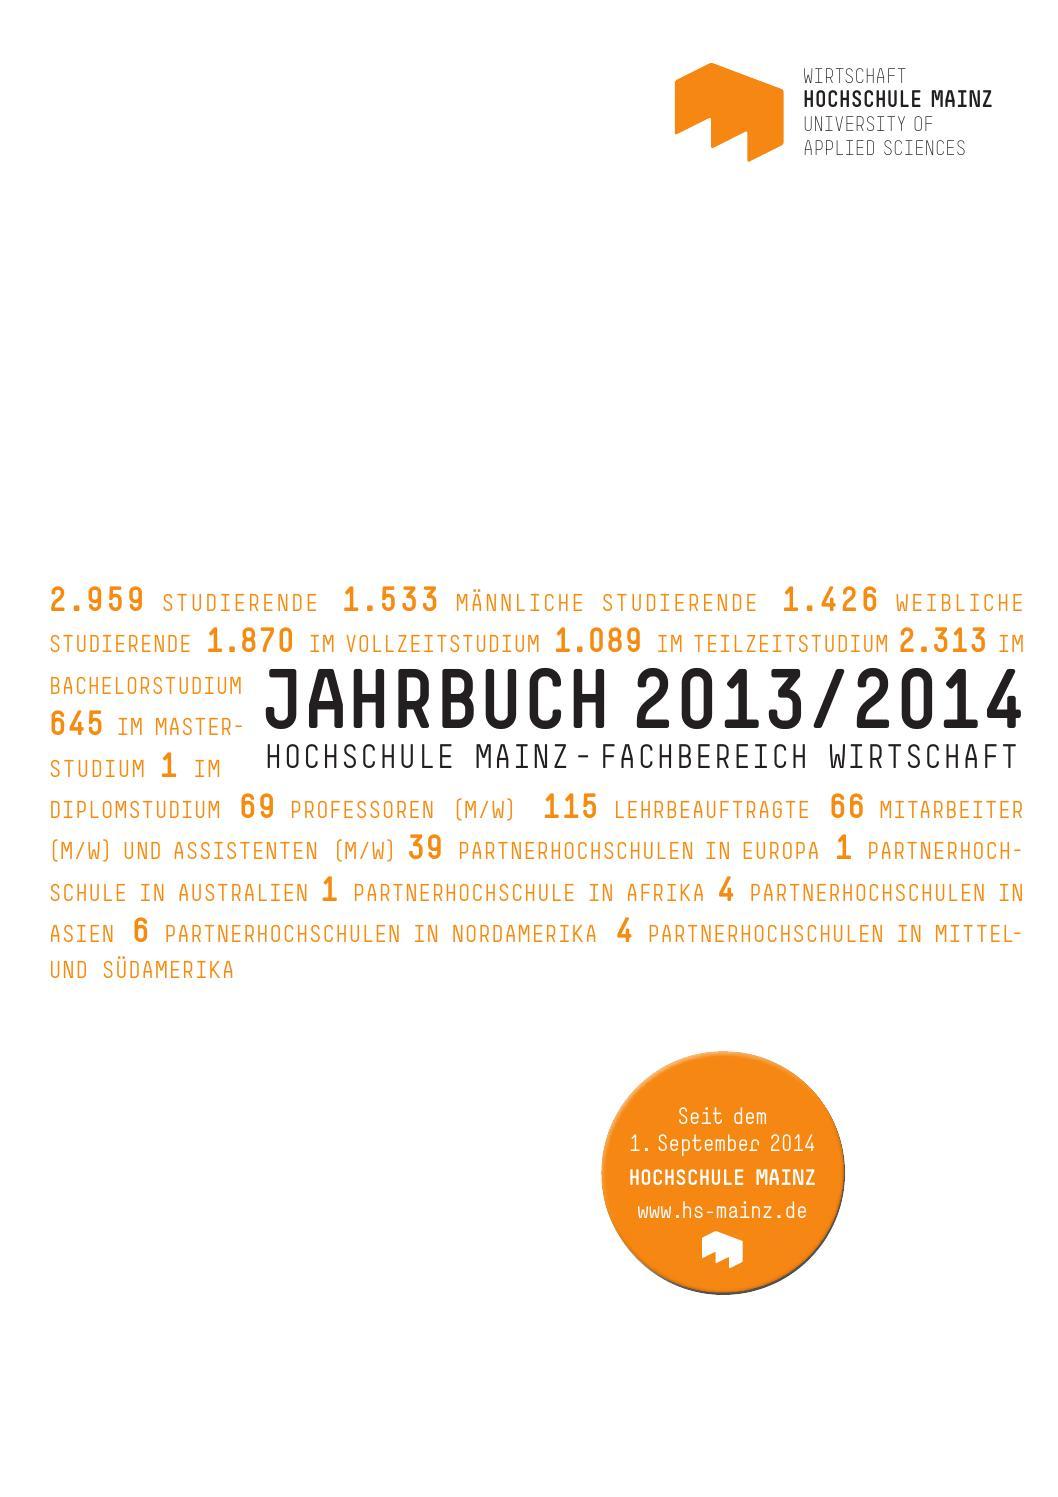 2014 Jahrbuch Fachbereich Wirtschaft by Hochschule Mainz - issuu